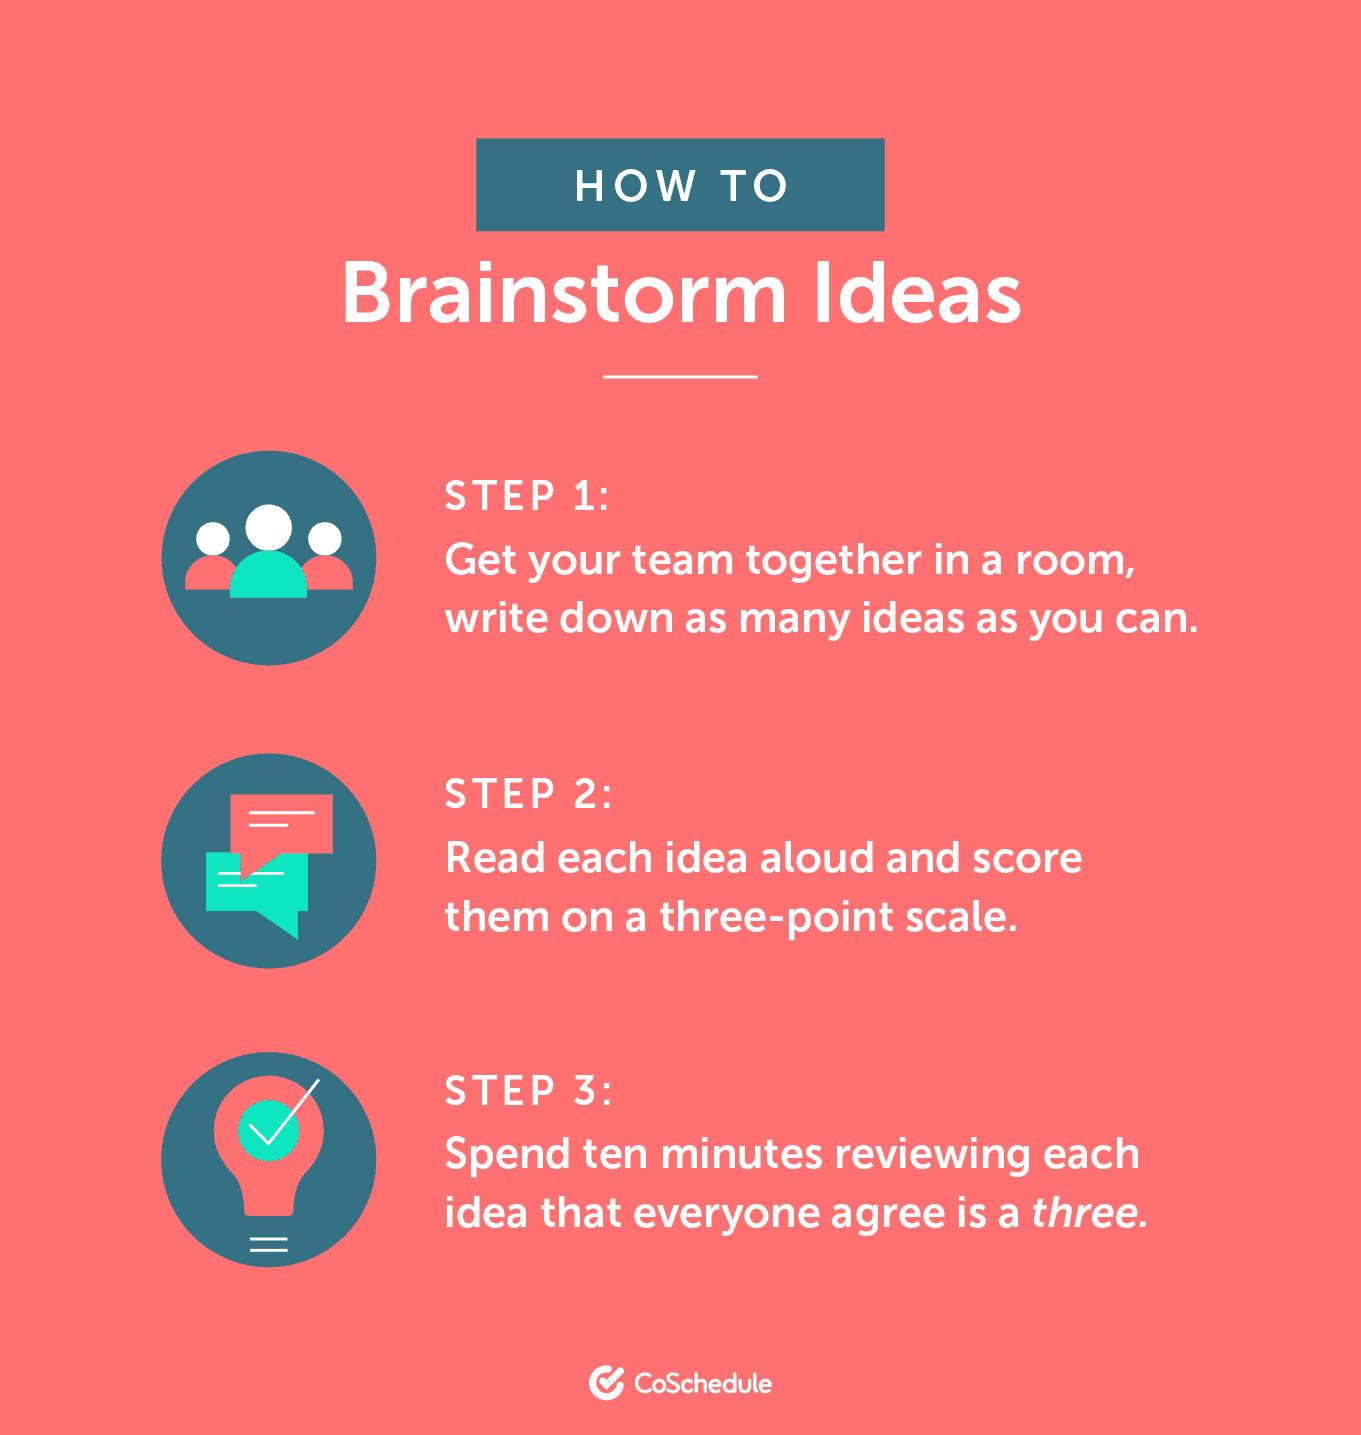 How to brainstorm ideas